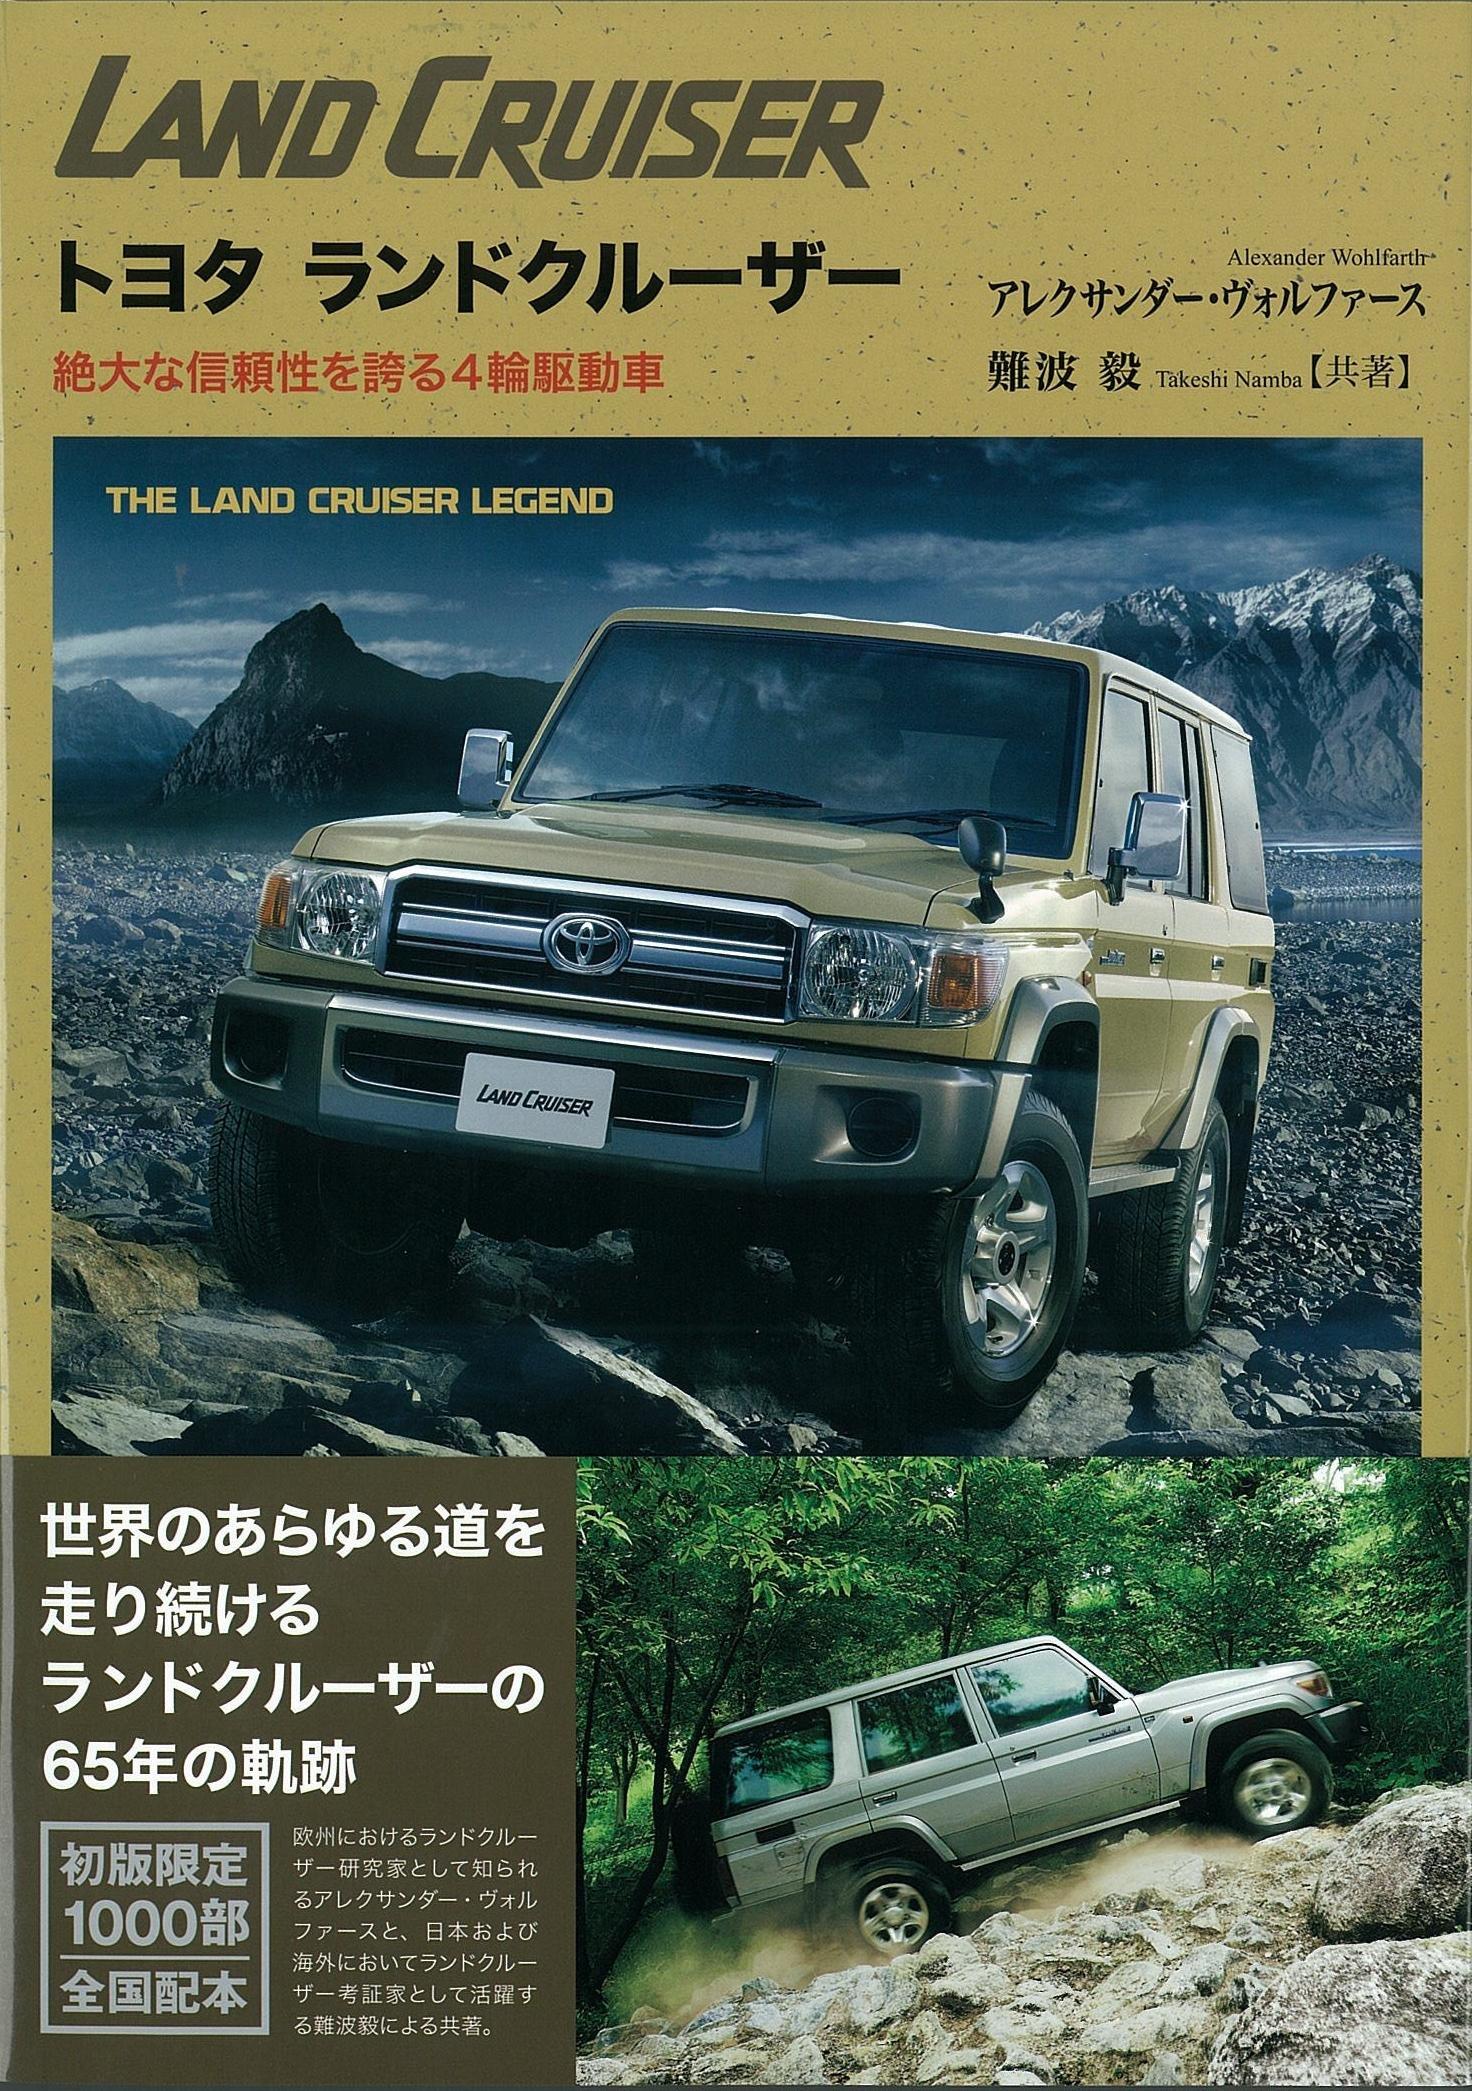 『トヨタ ランドクルーザー 絶大な信頼性を誇る4輪駆動車』(三樹書房)